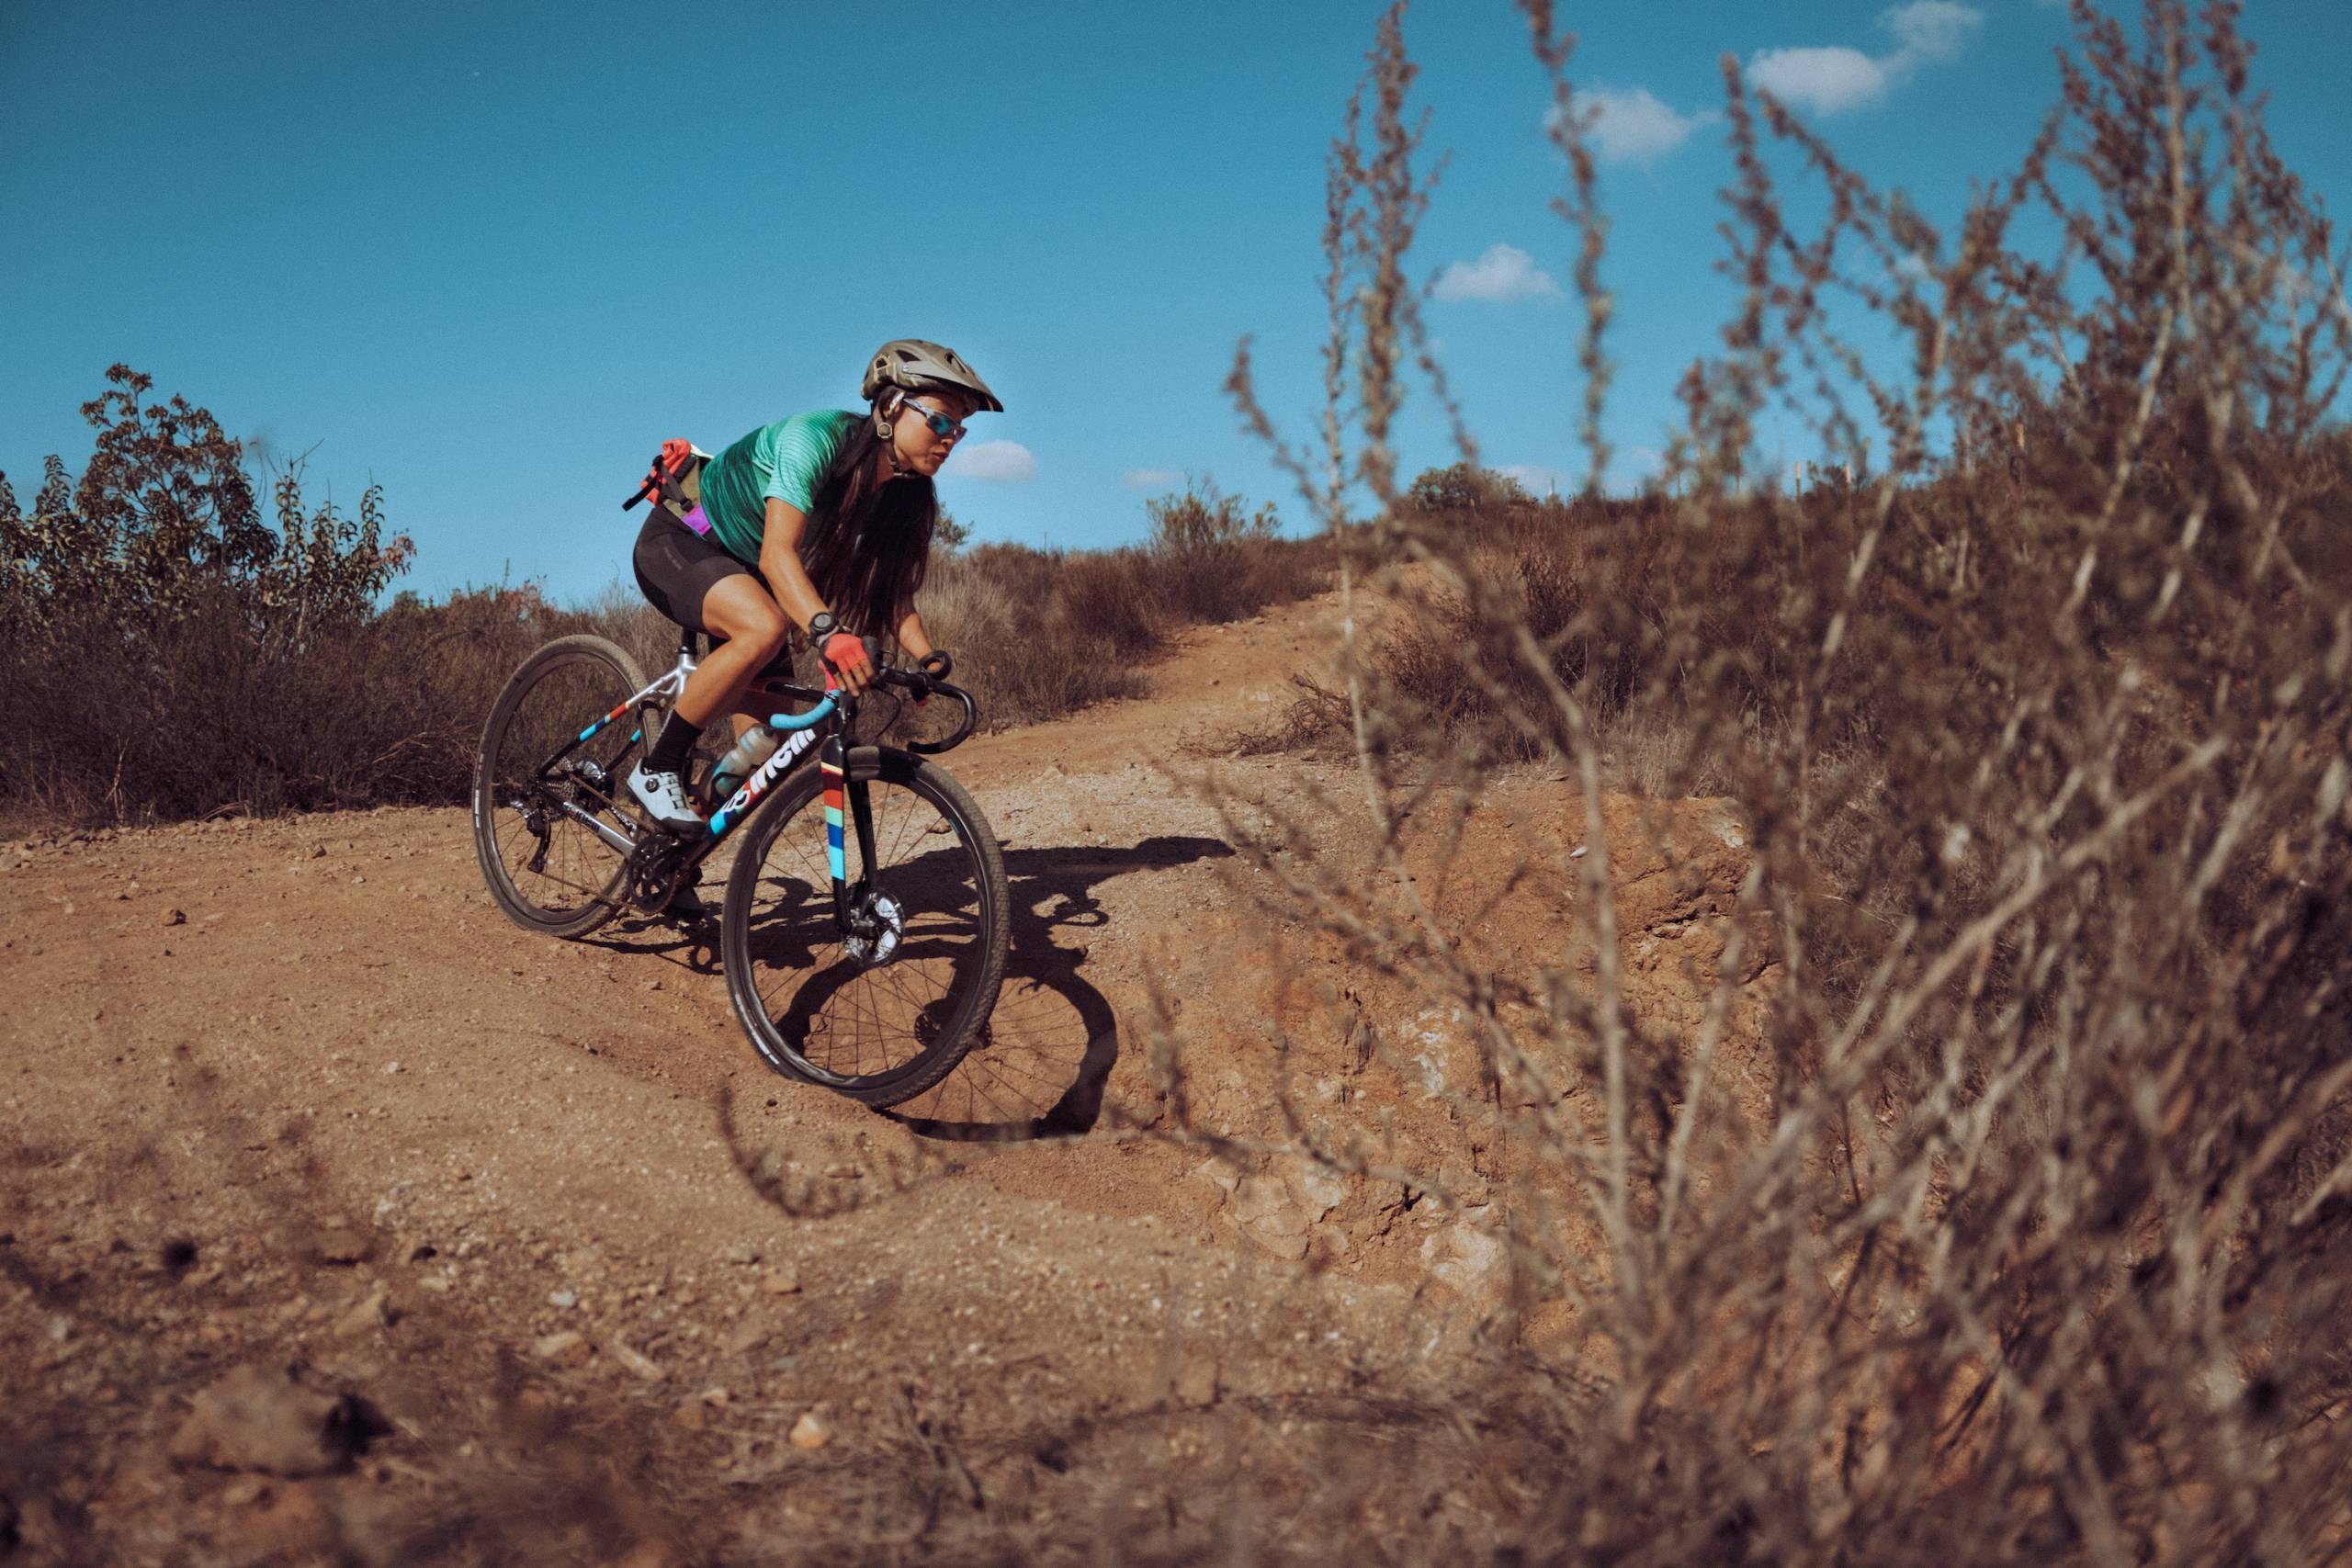 Josie Fouts mountain biking on dirt course